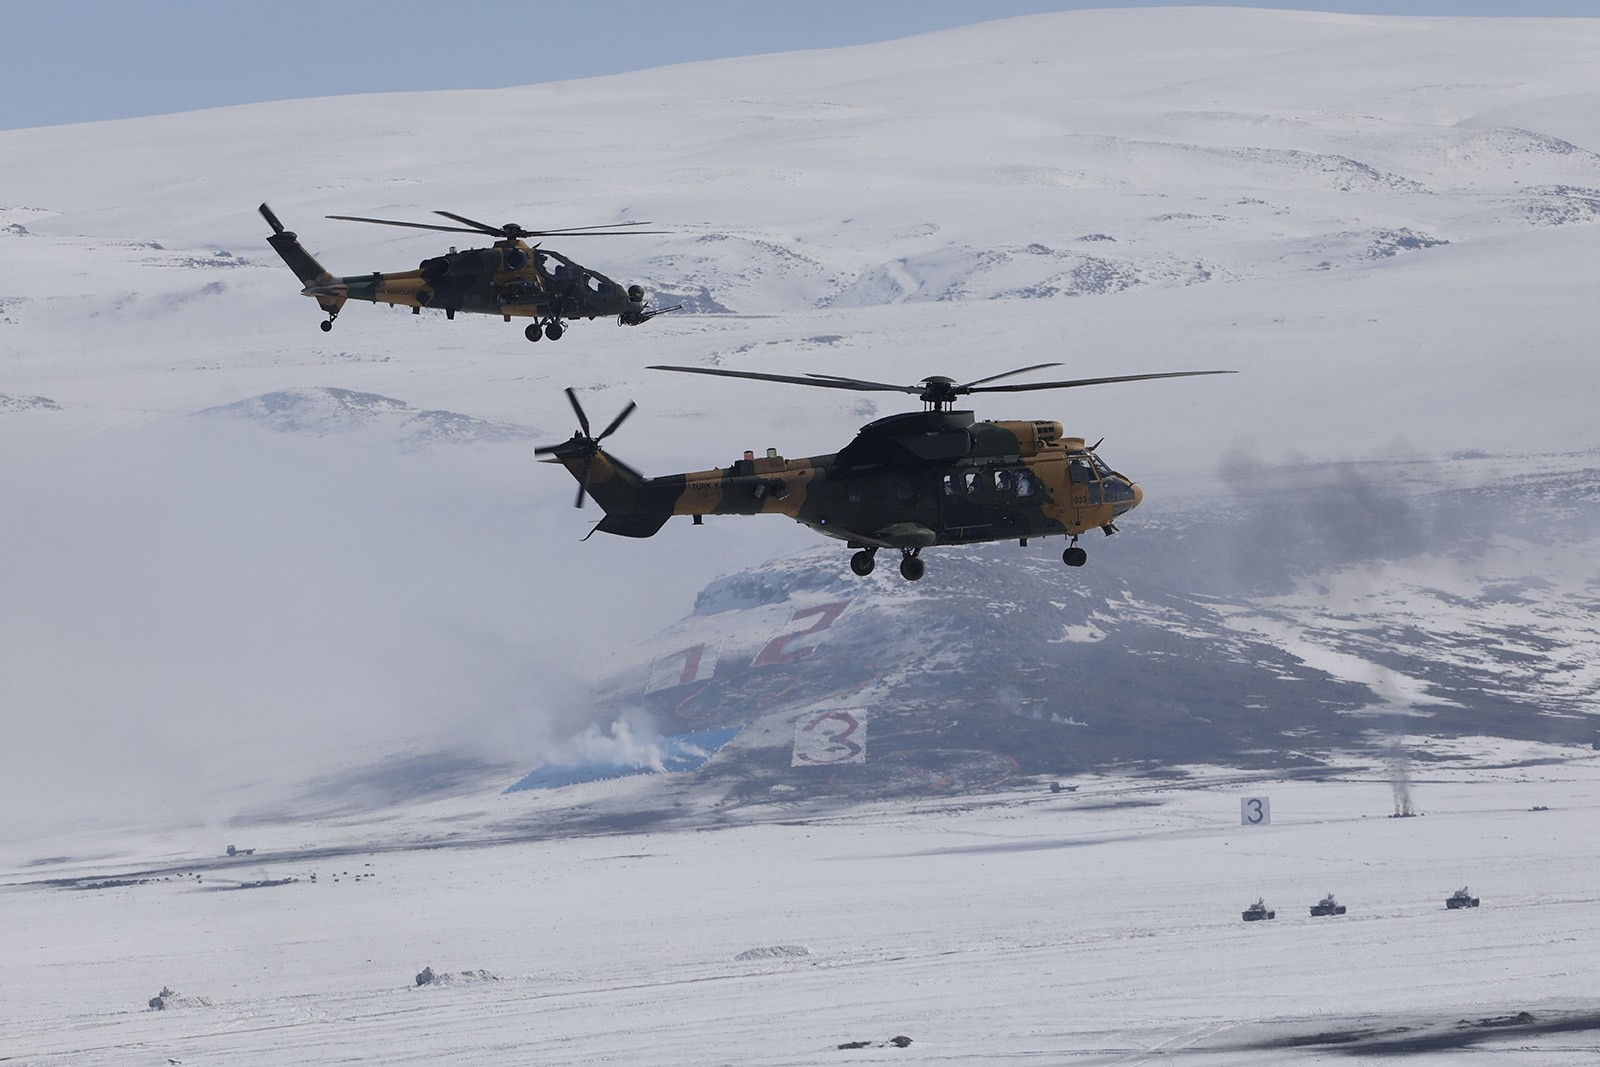 Turkey's Winter-2019 exercises